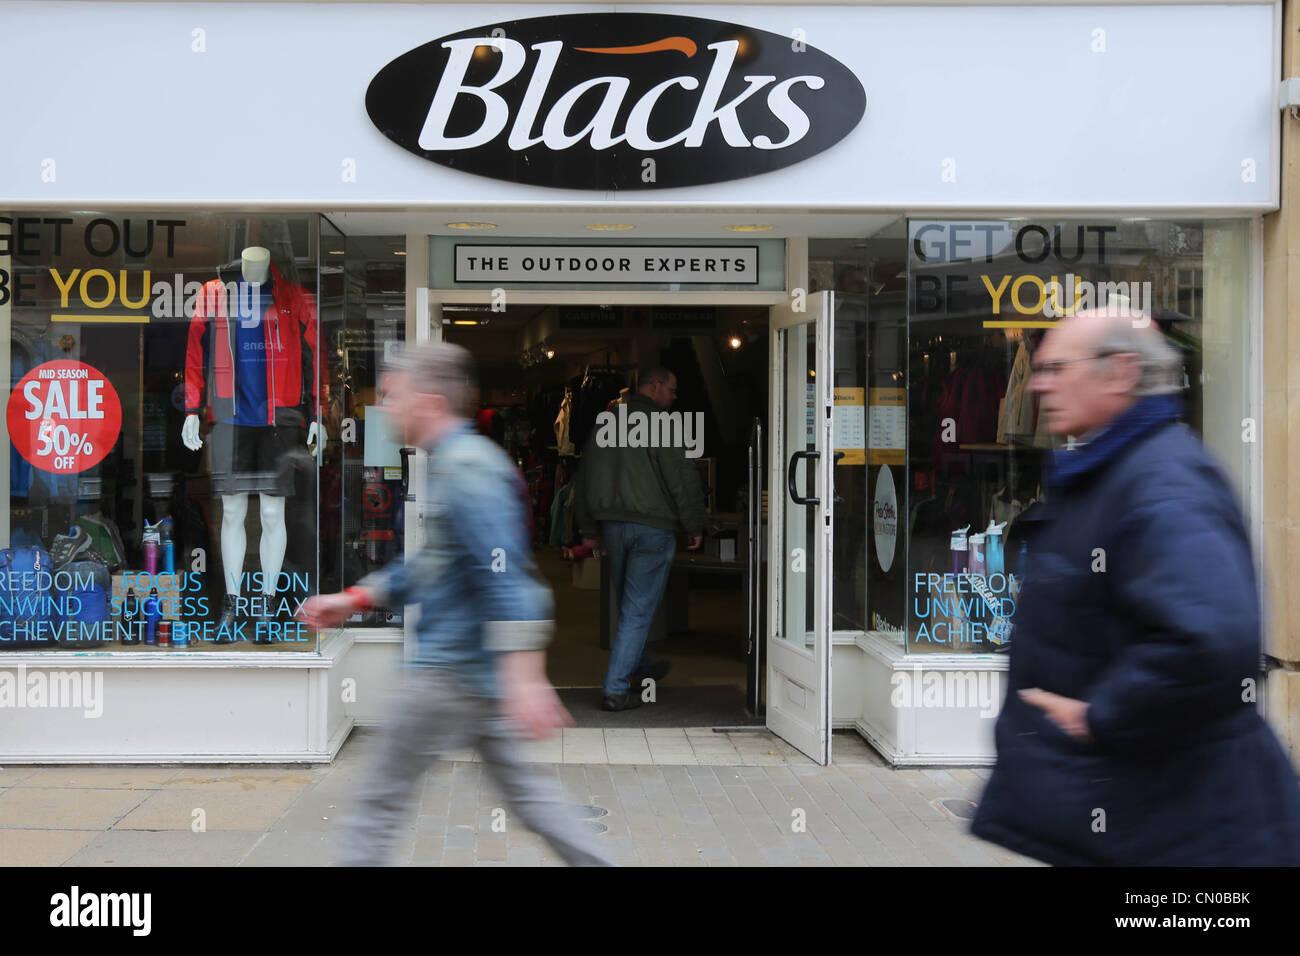 Los negros tienda de ropa exterior Imagen De Stock